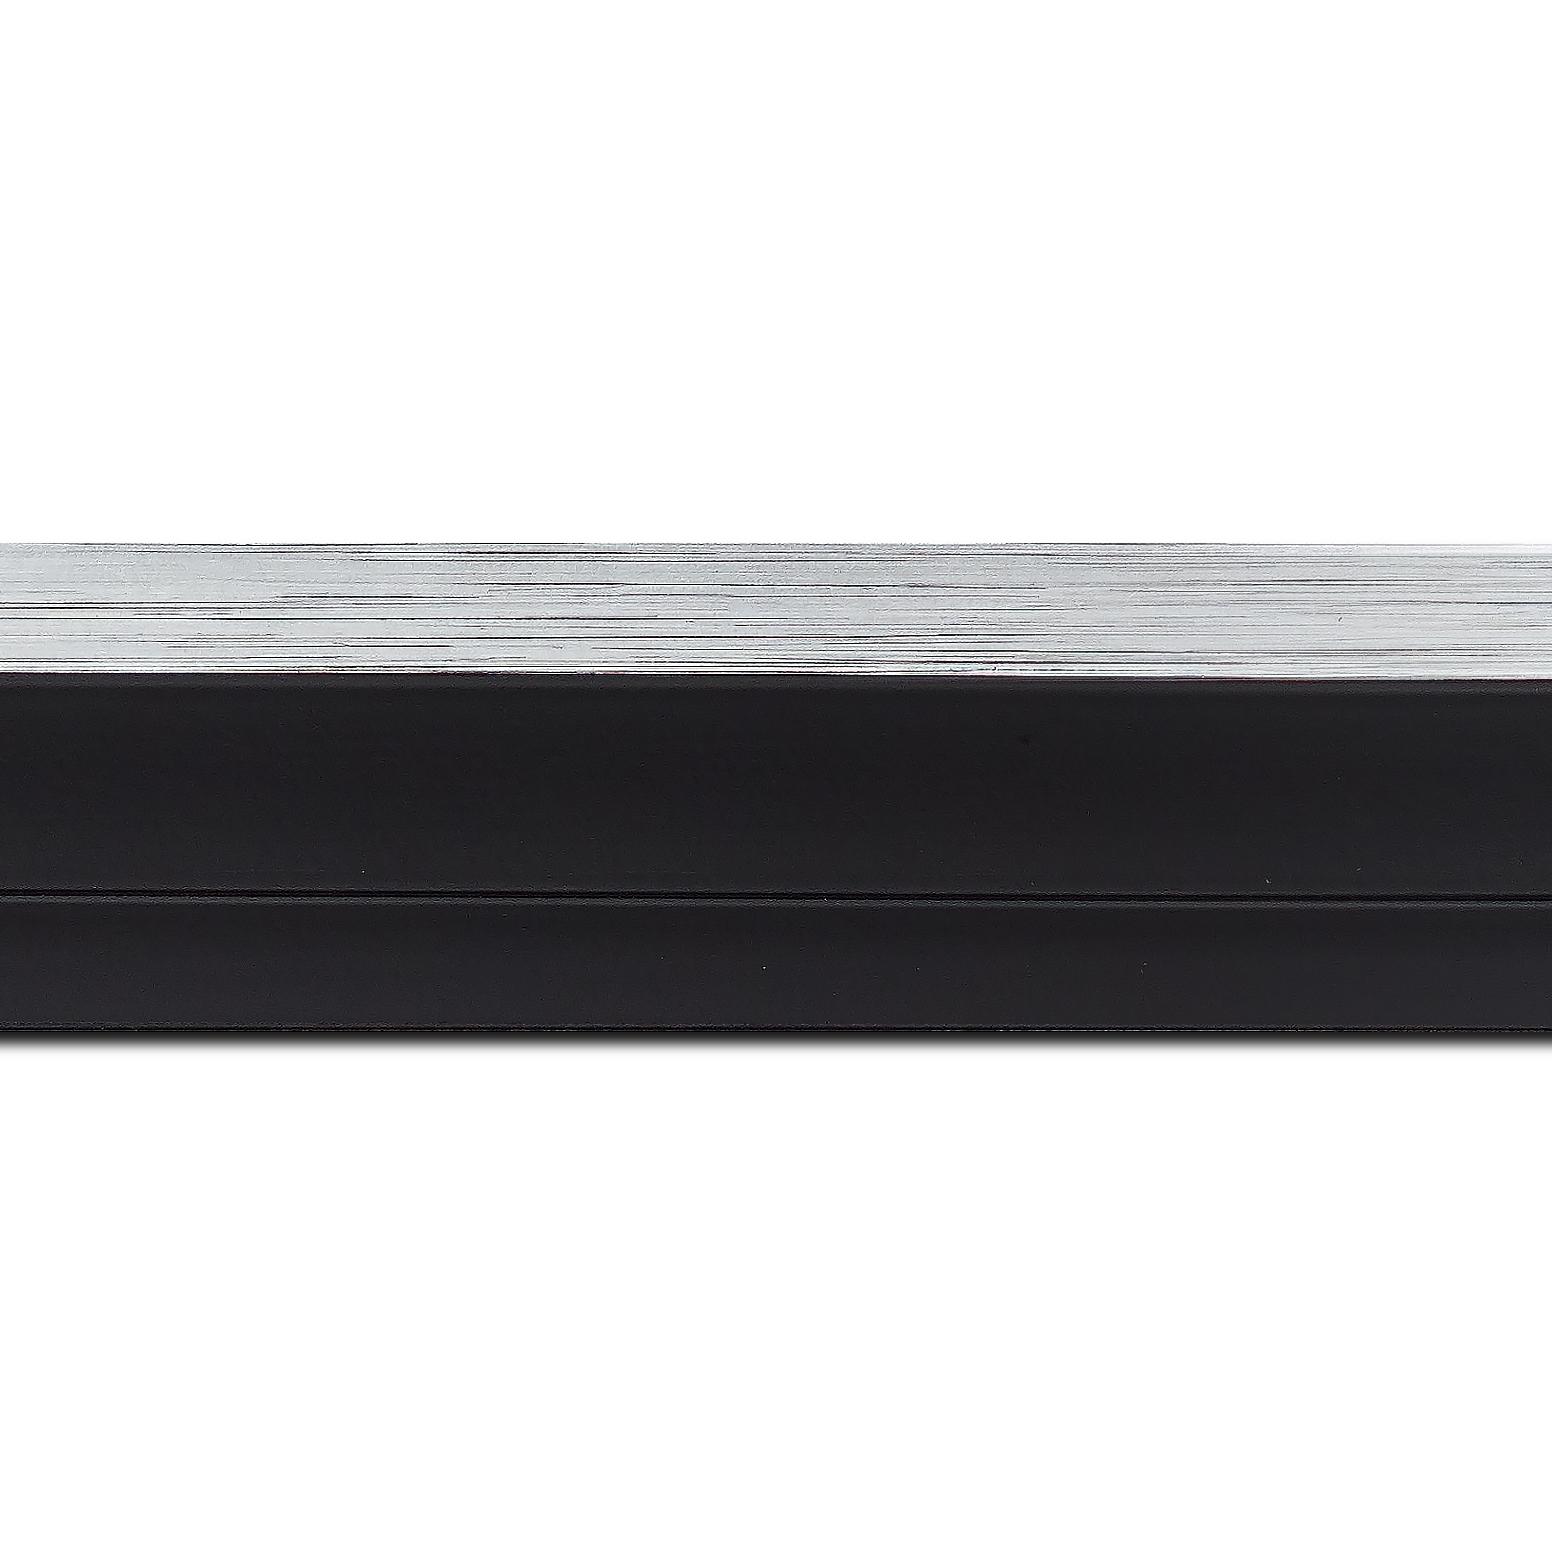 Baguette longueur 1.40m bois caisse américaine xl profil escalier largeur 4.9cm noir mat  filet argent (spécialement conçu pour les châssis 3d d'une épaisseur de 3 à 4cm)